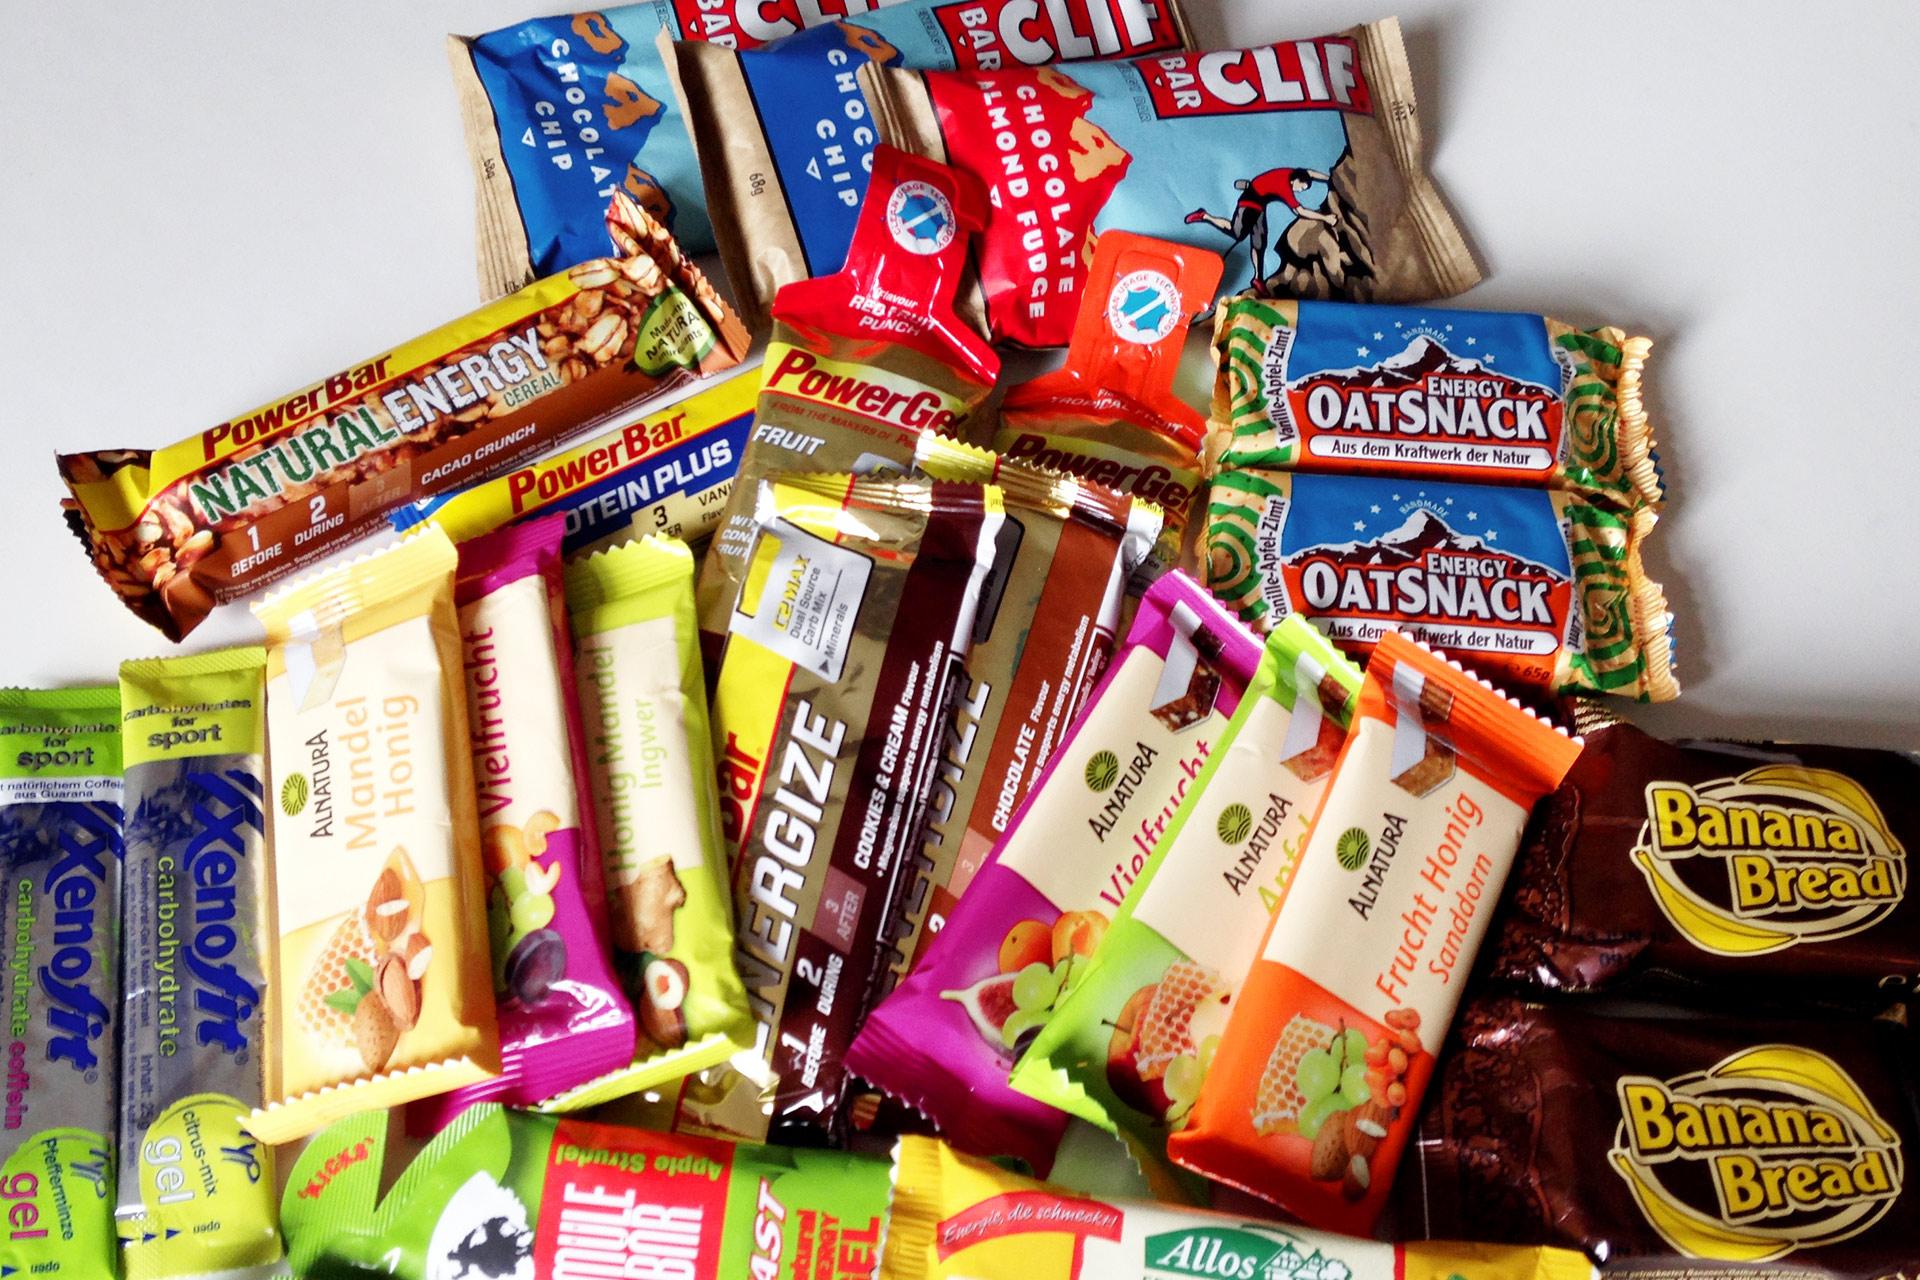 ECHT IS(S)T BESSER! Der Mehrwert natürlicher Nahrungsmittel im Sport: Voller Energie - Riegel und Gels gibt's von vielen Herstellern für jeden Geschmack – nur nicht jeder hält was er verspricht oder verträgt sich gut mit dem Magen